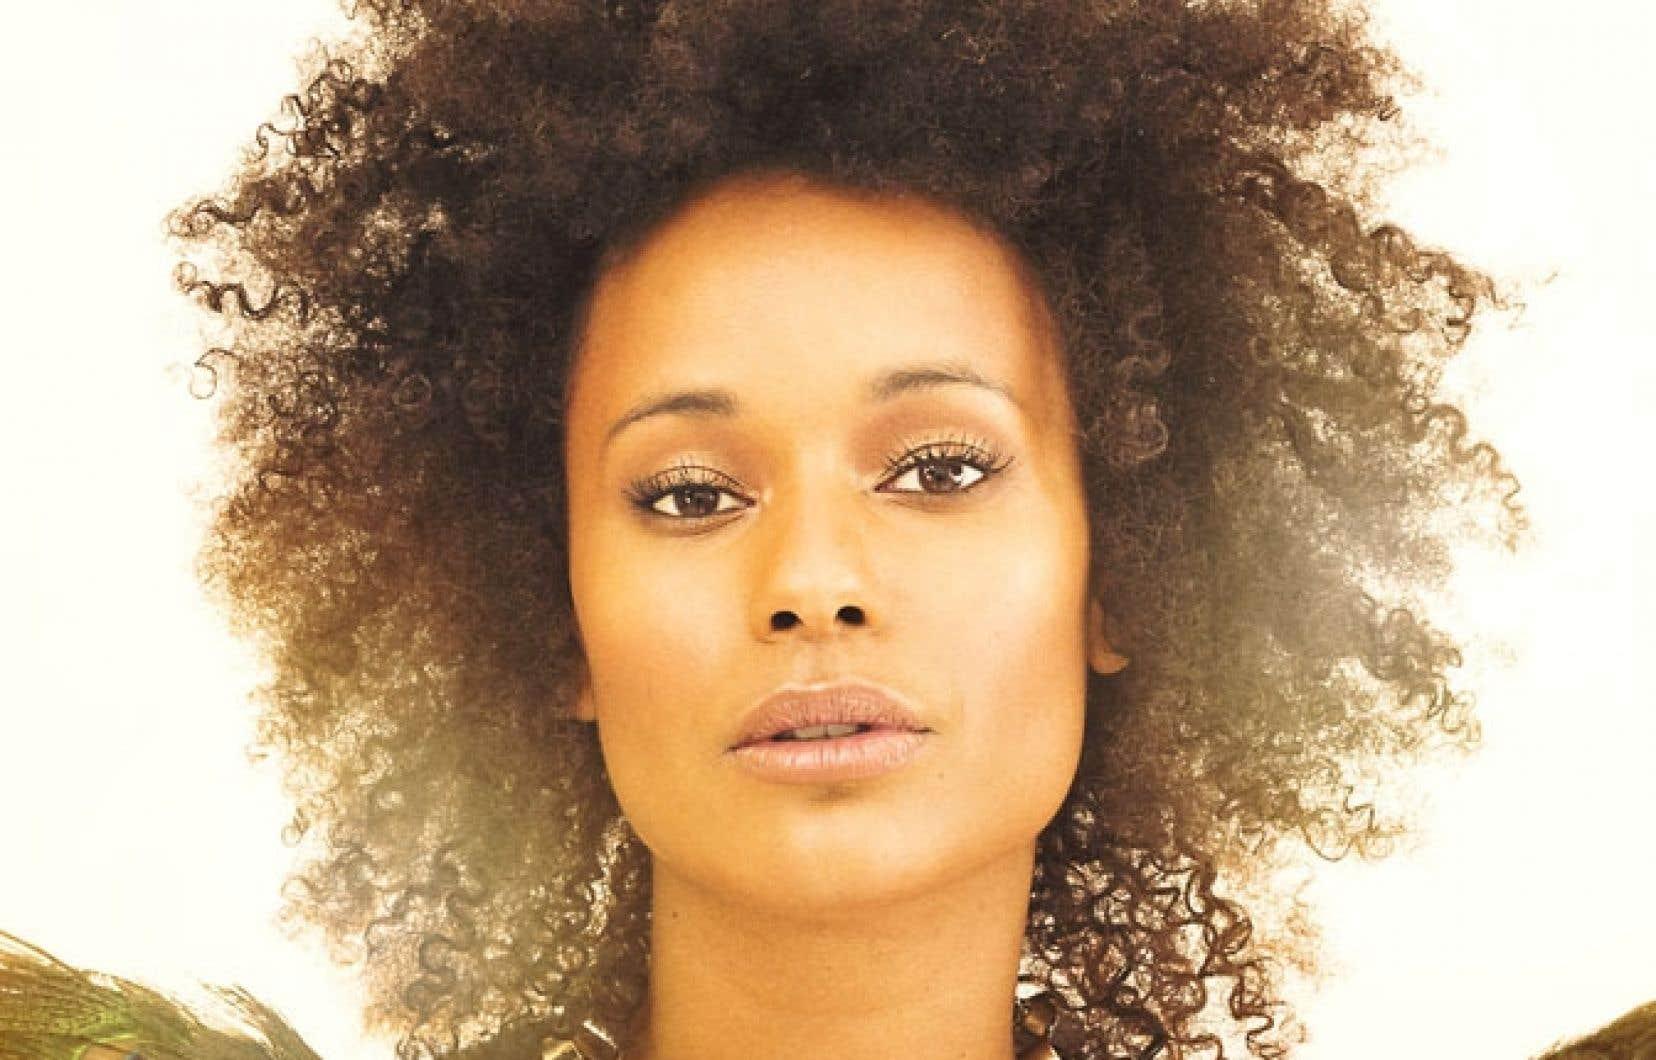 Marième affiche la même bouille souriante, le même afro.